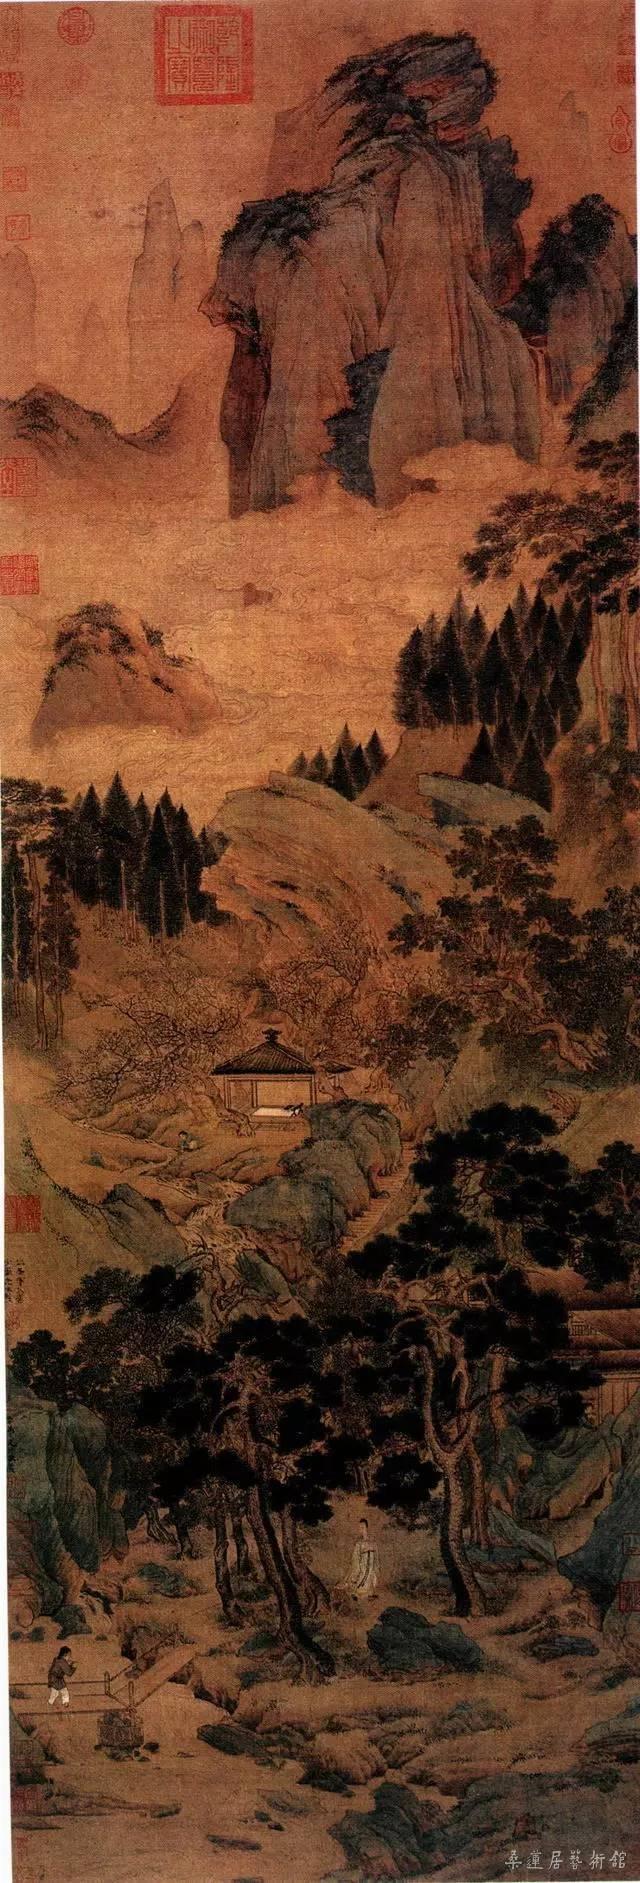 [明] 仇英 桃村草堂图 绢本设色 纵150厘米 横53厘米 北京故宫博物院藏